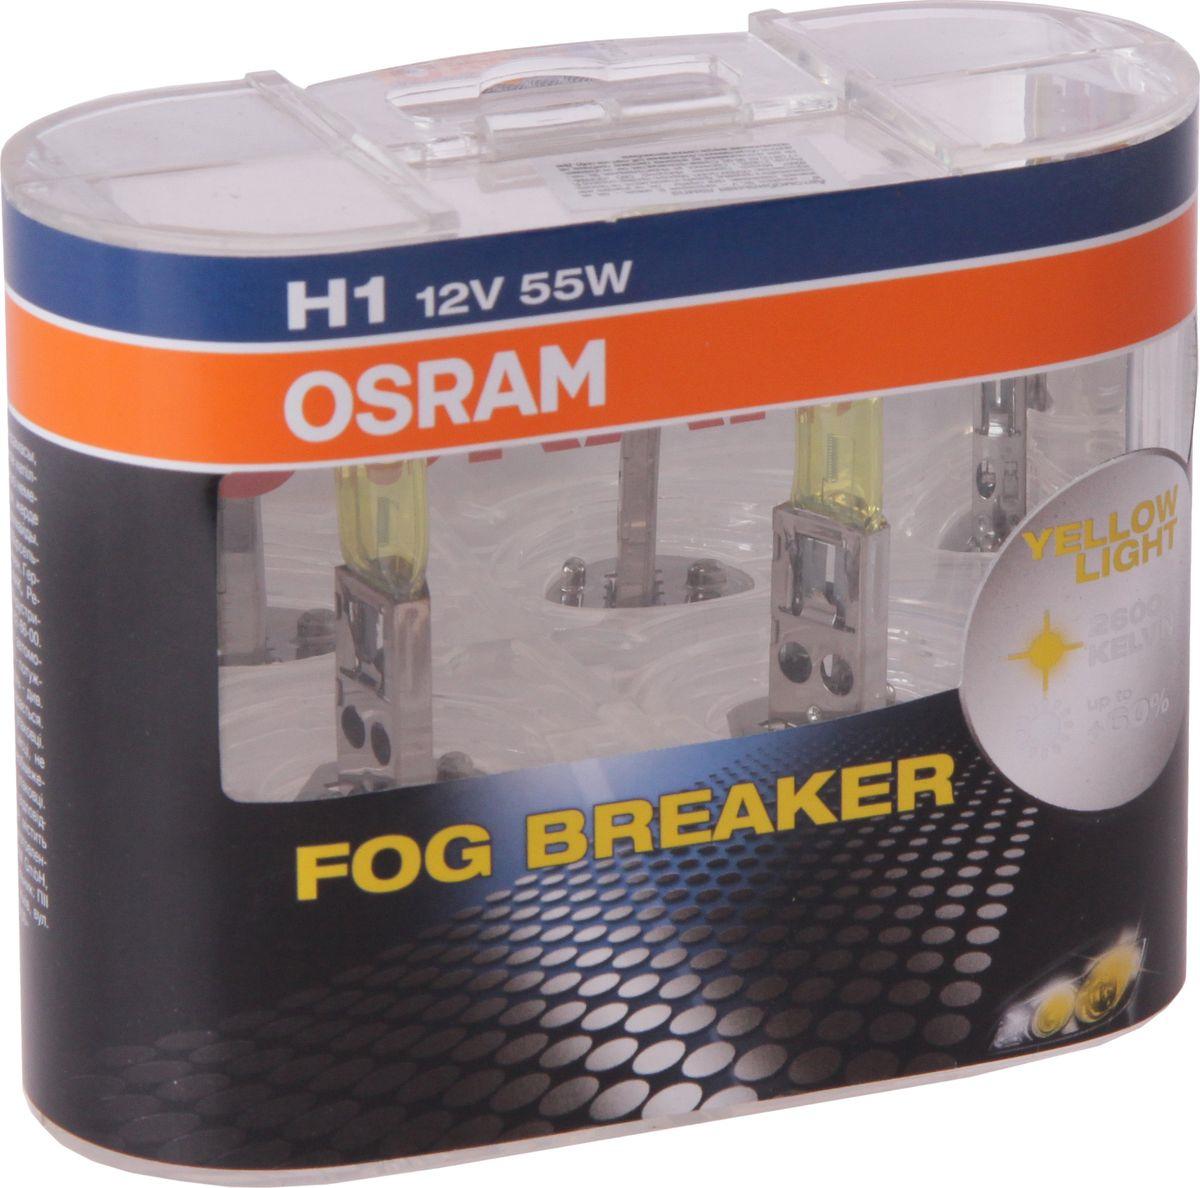 Лампа автомобильная Osram H1 (55) P14.5s Fog Breaker 2600K 12V, 62150FBRHCB, 2 шт цены